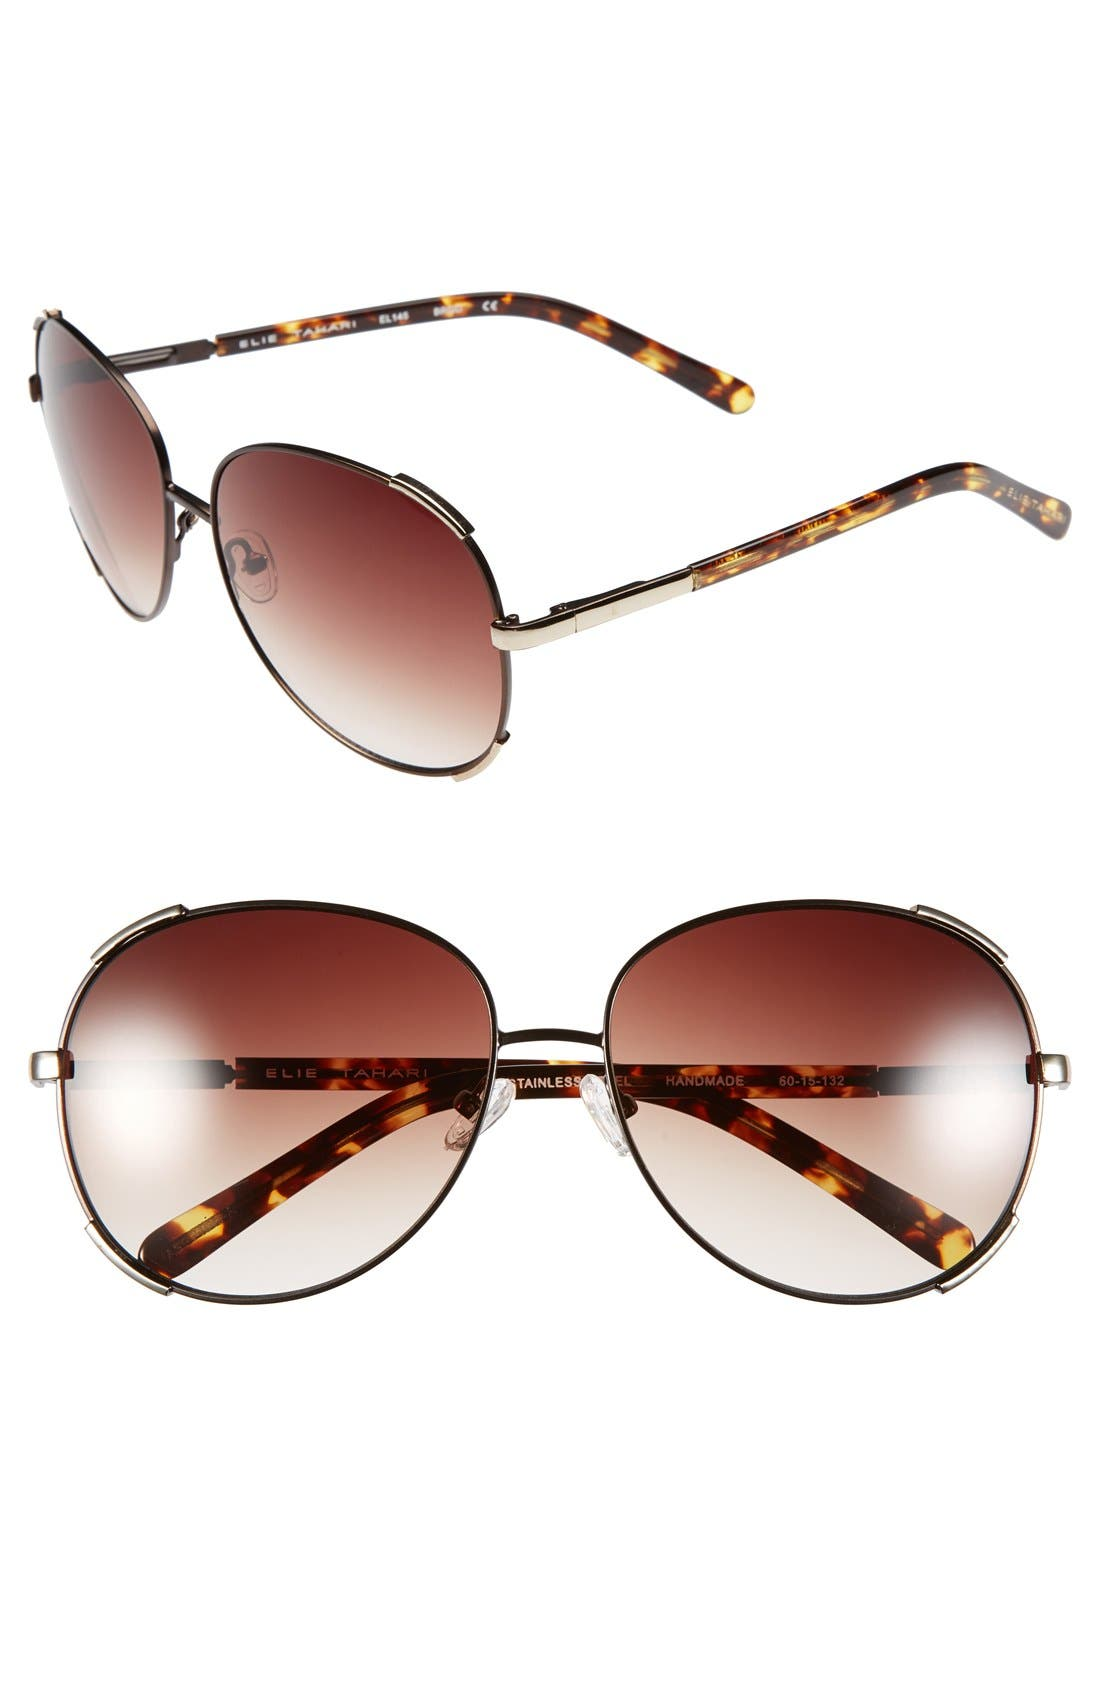 Main Image - Elie Tahari 60mm Sunglasses